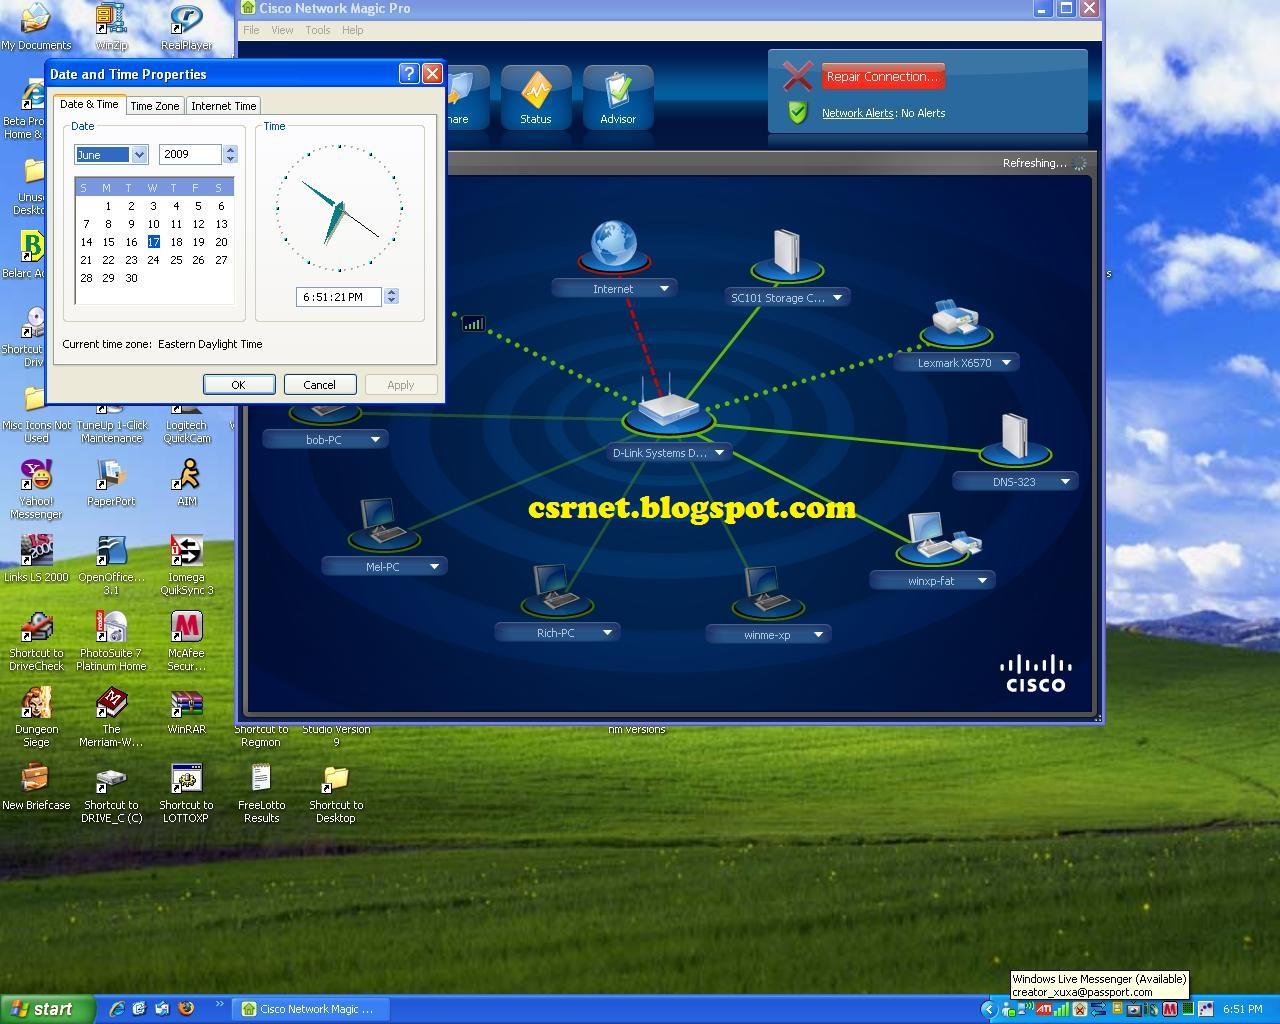 CISCO NETWORK MAGIC PRO 5.5.9195.0 PATCH РУССКАЯ ВЕРСИЯ СКАЧАТЬ БЕСПЛАТНО